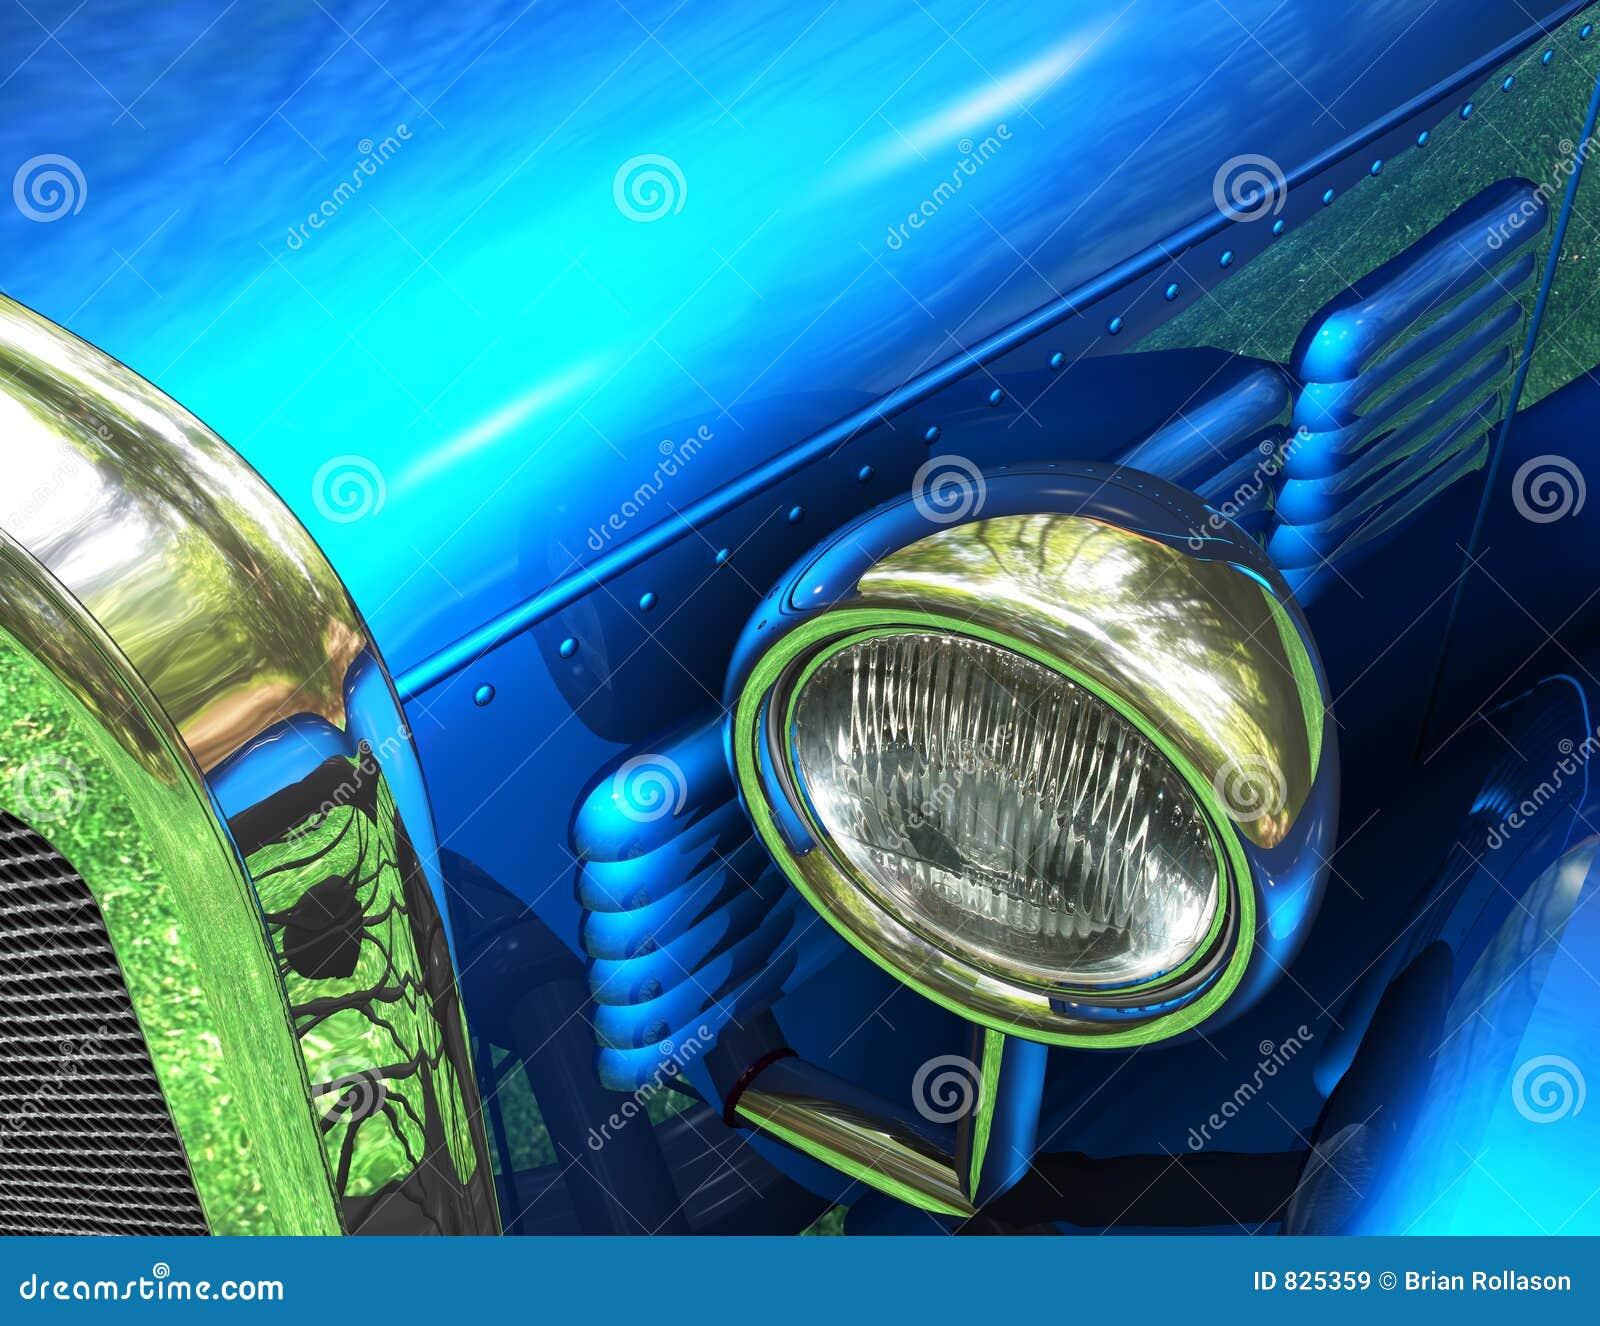 Antique Fantasy Auto Close-Up